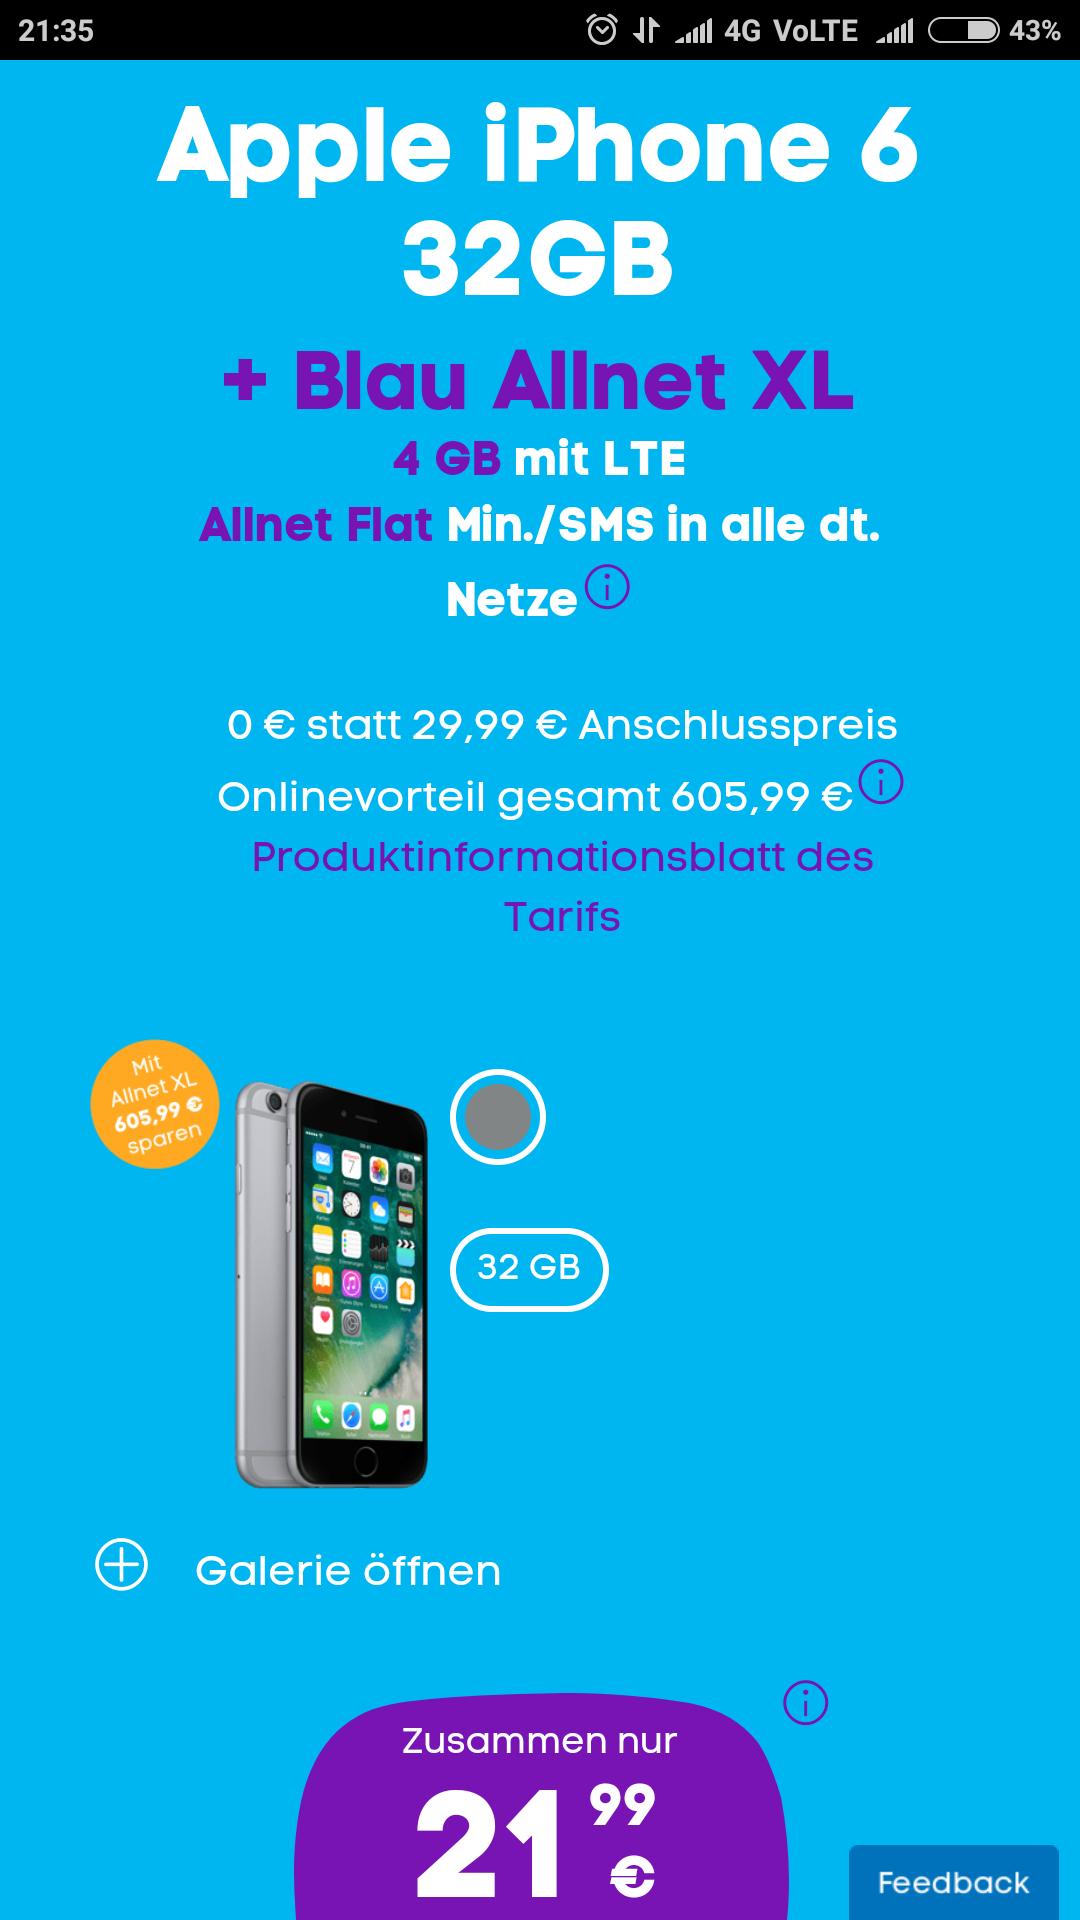 iPhone 6 + Blau Allnet XL (4GB) für 1 € Zuzahlung + 21,99 € Grundgebühr